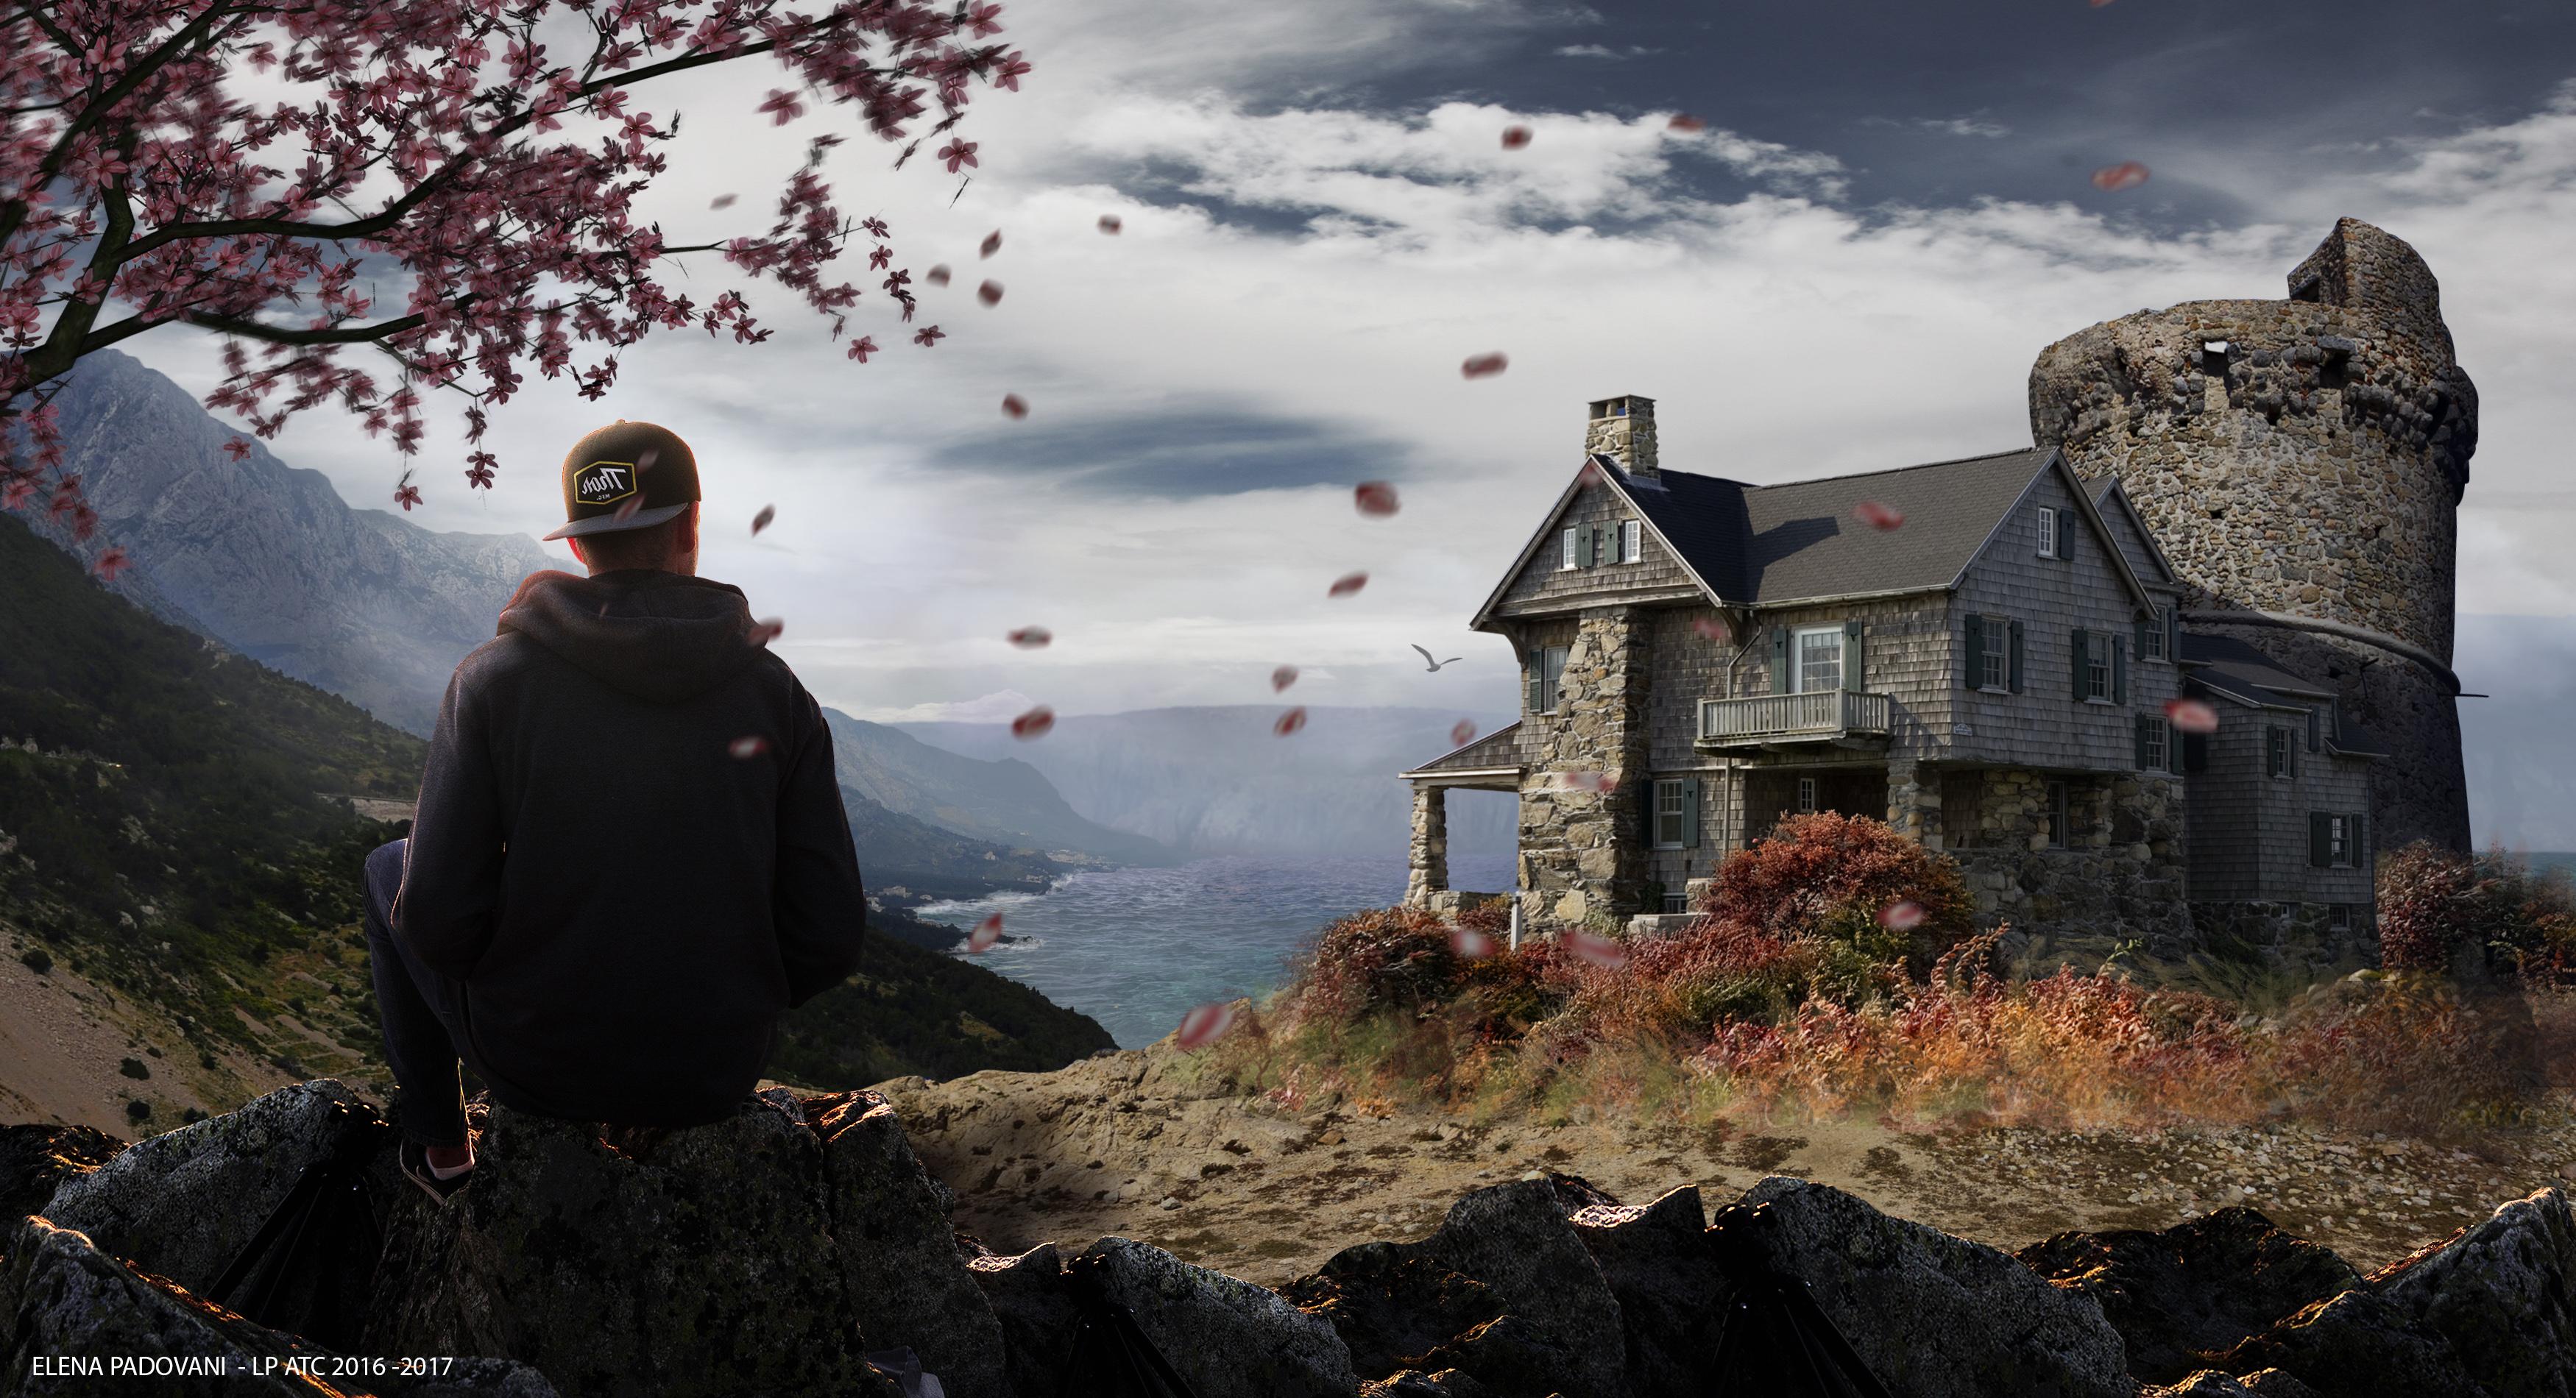 padovani elena - Matte painting réalisé sous Photoshop et Illustrator